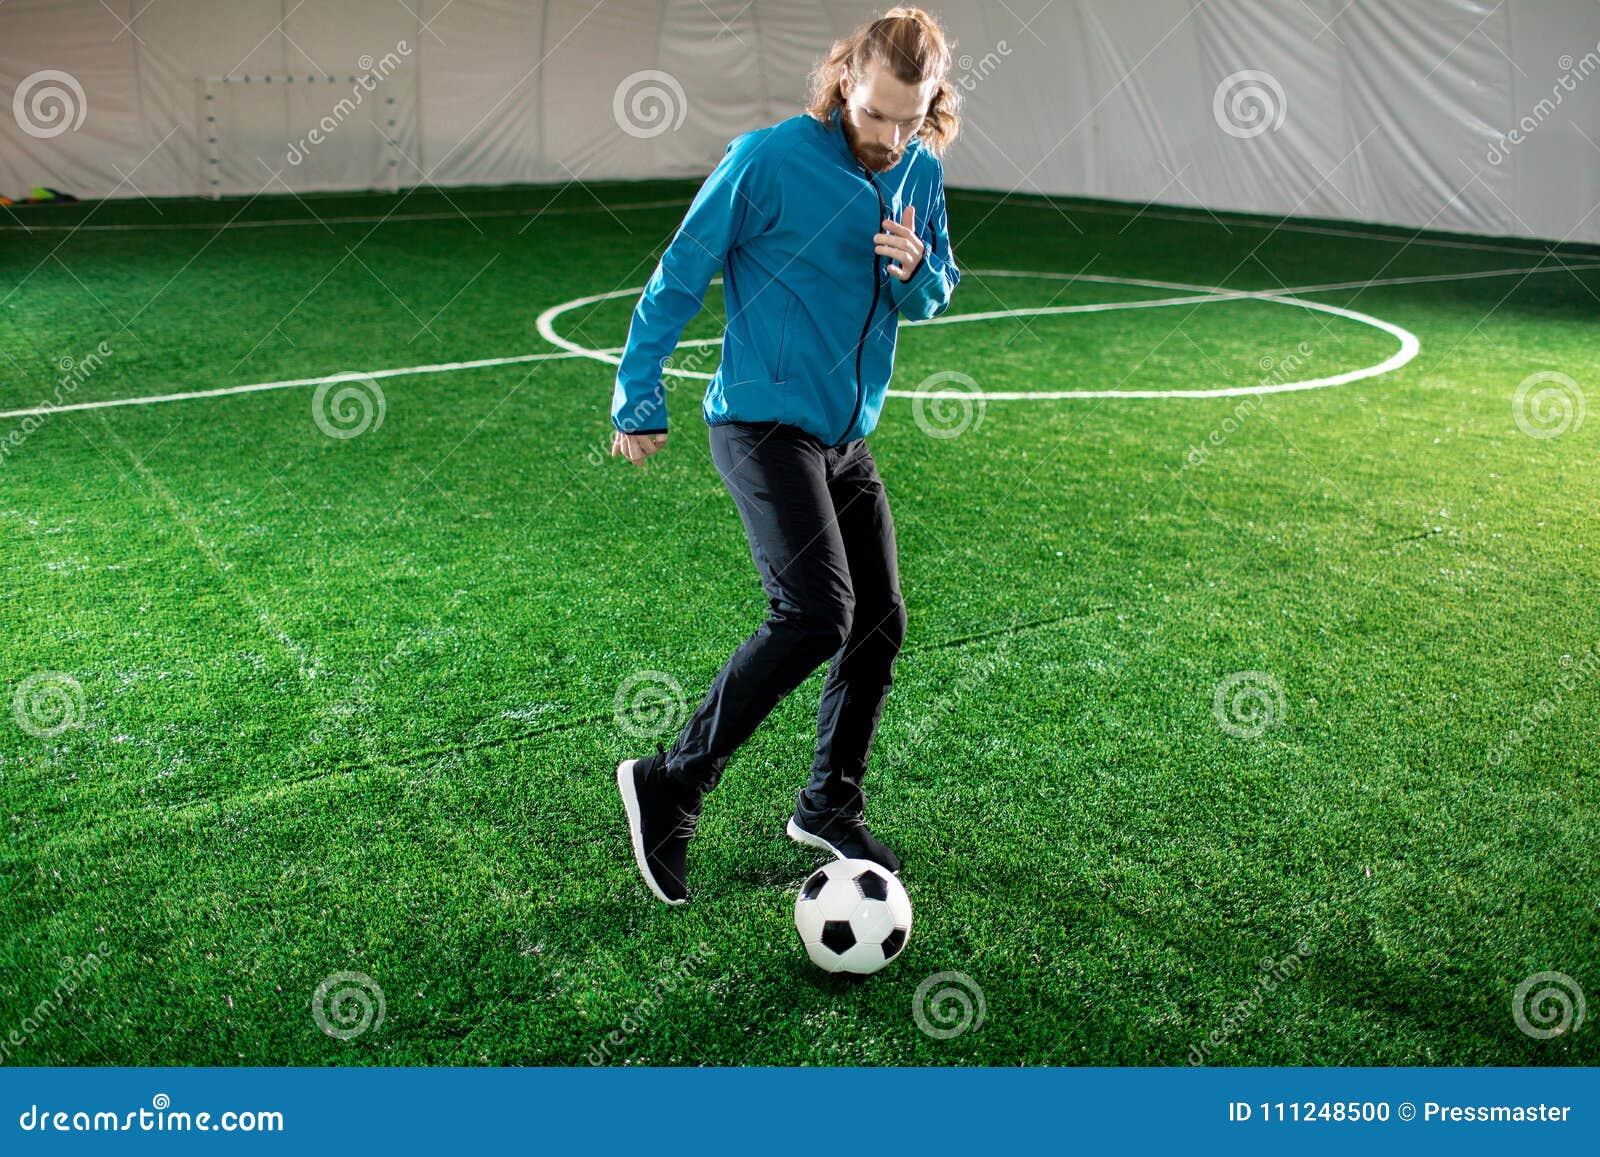 Entrenamiento con el balón de fútbol